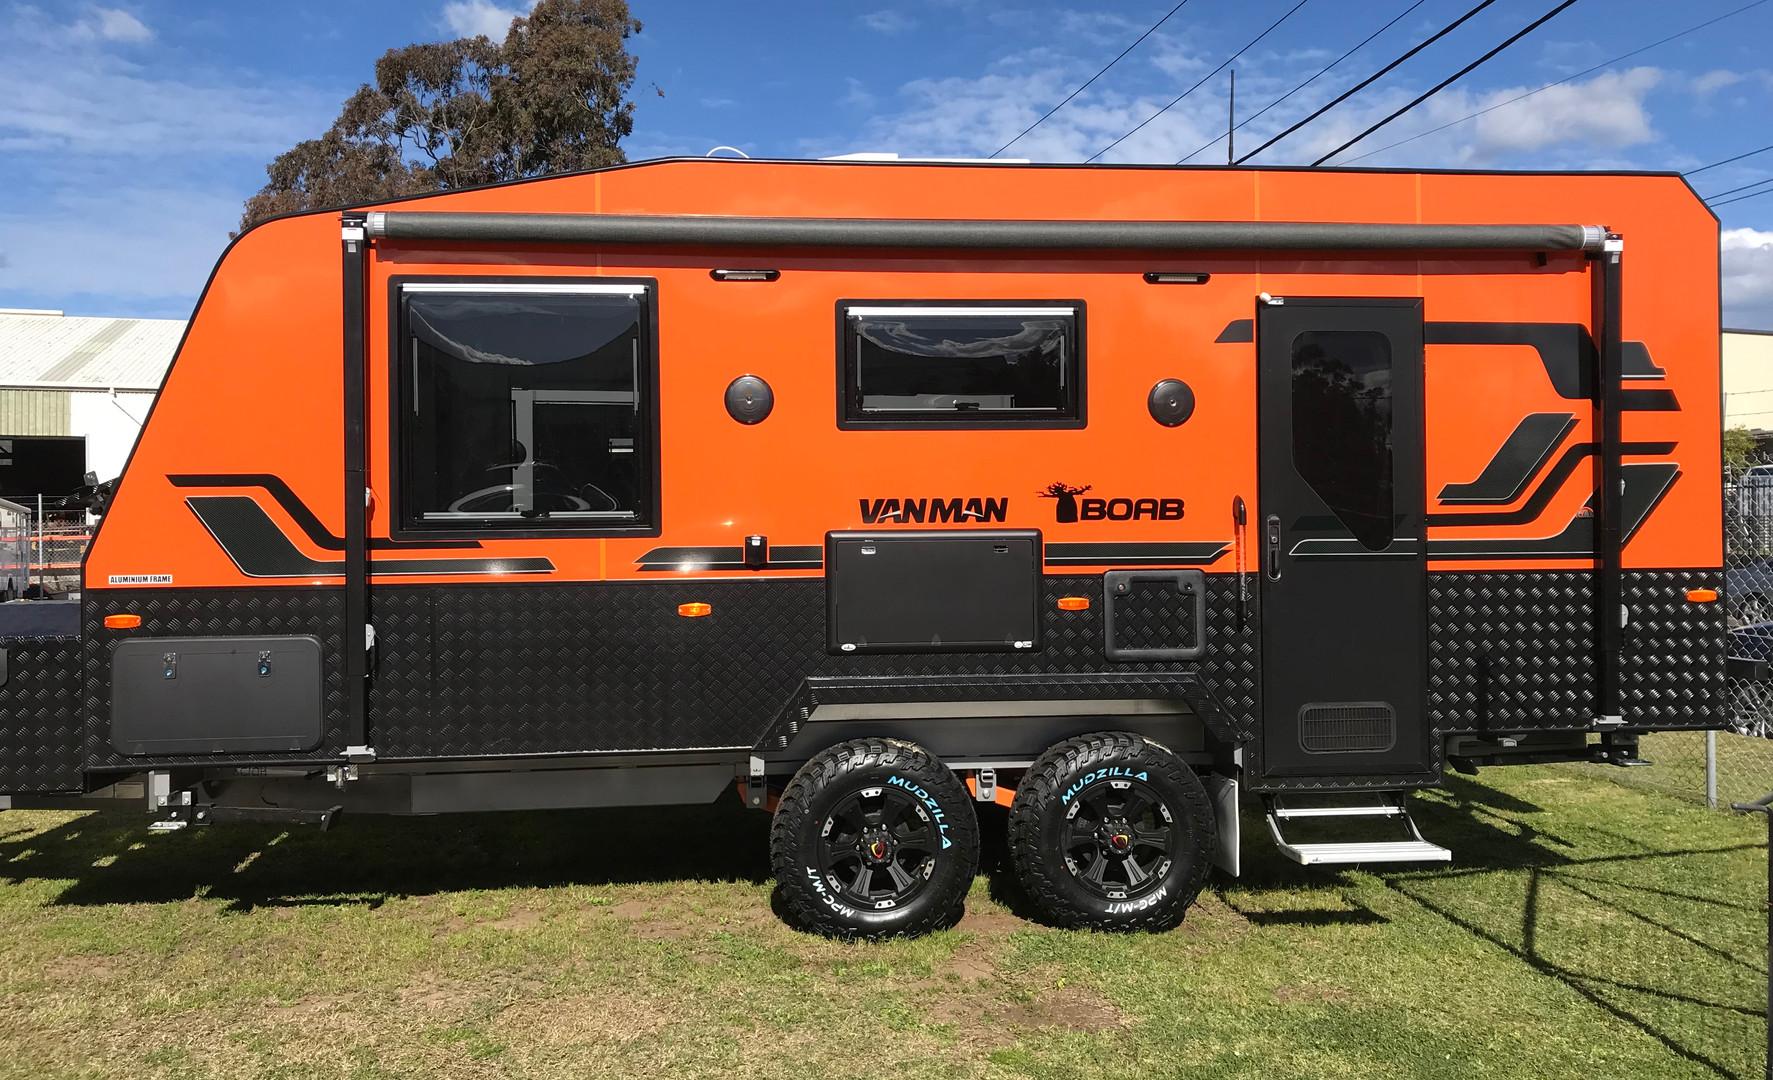 Vanman caravans boad (10).jpg